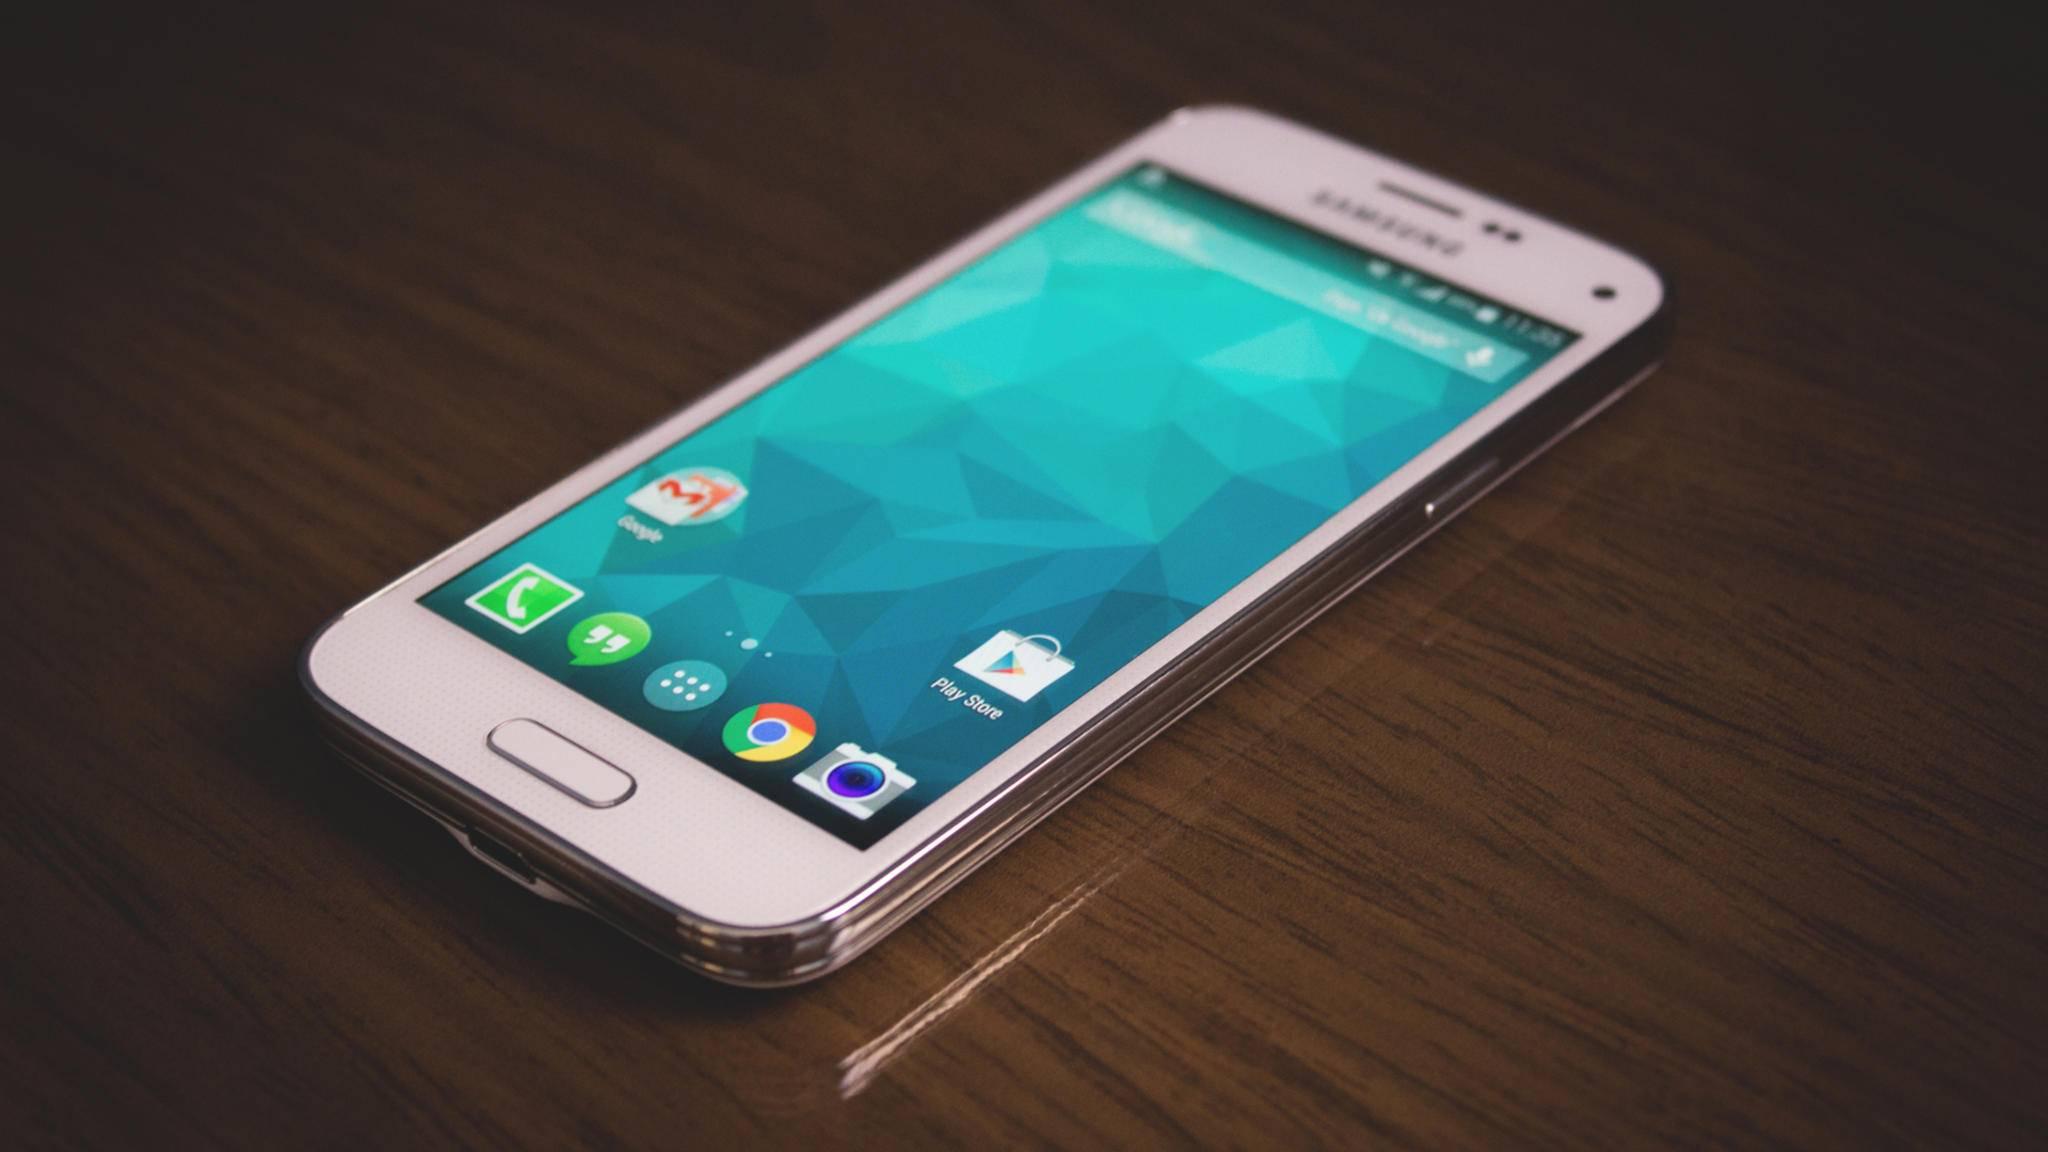 Das Galaxy S5 Mini aus dem Jahr 2014 ist das bislang letzte Kompakt-Smartphone von Samsung.